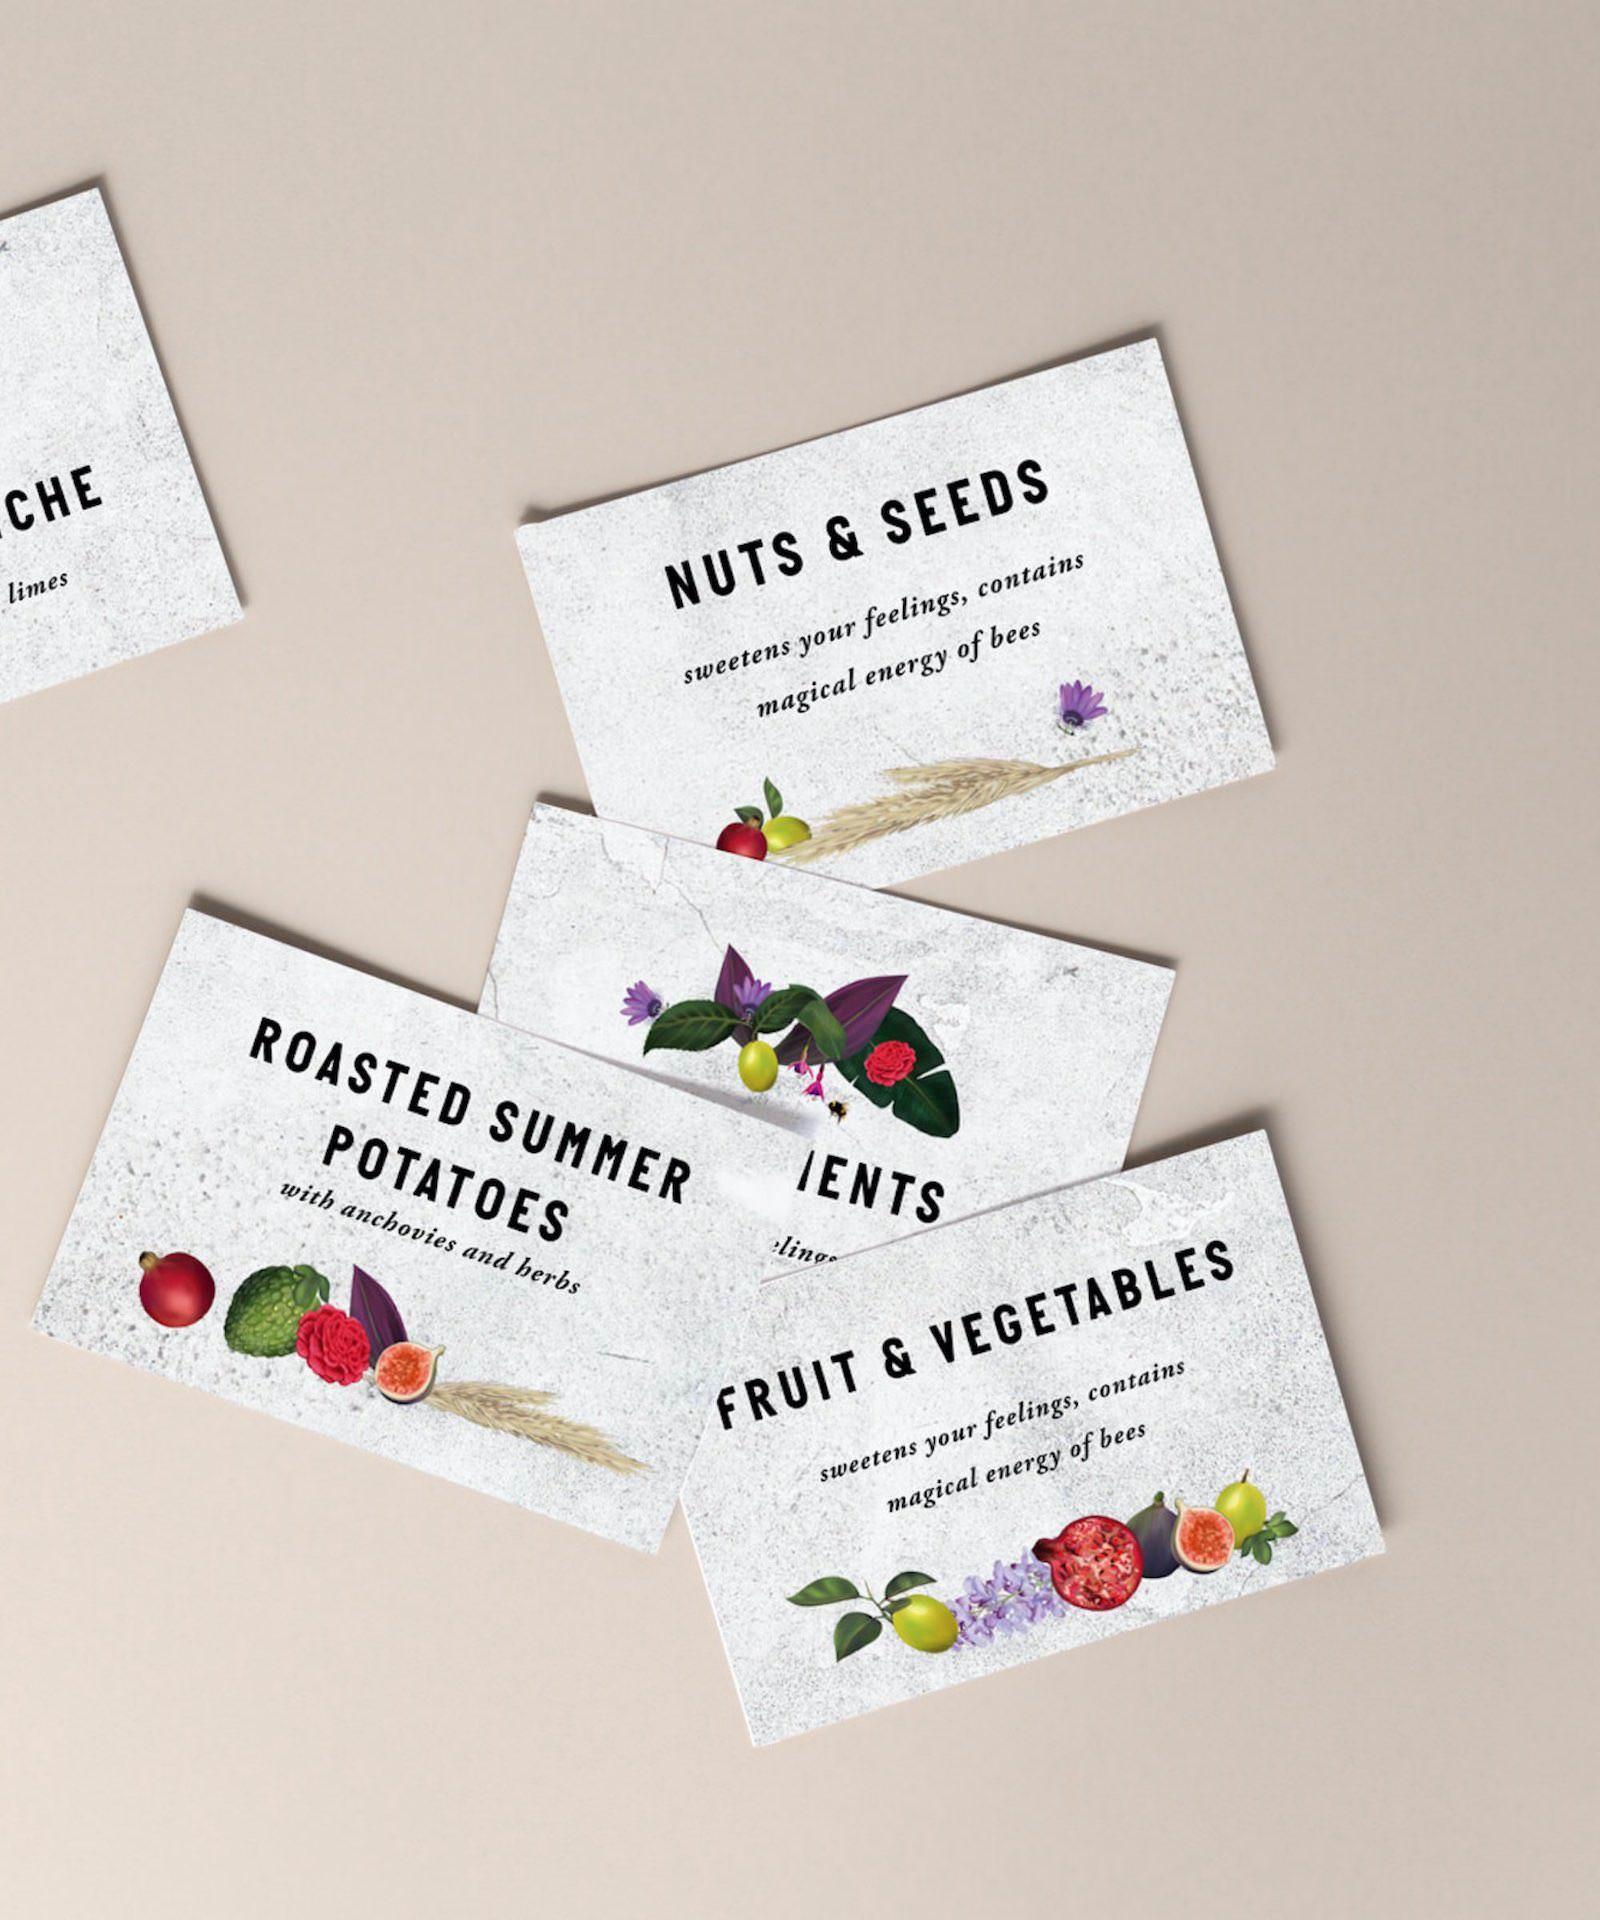 My Newtown Kitchen business cards